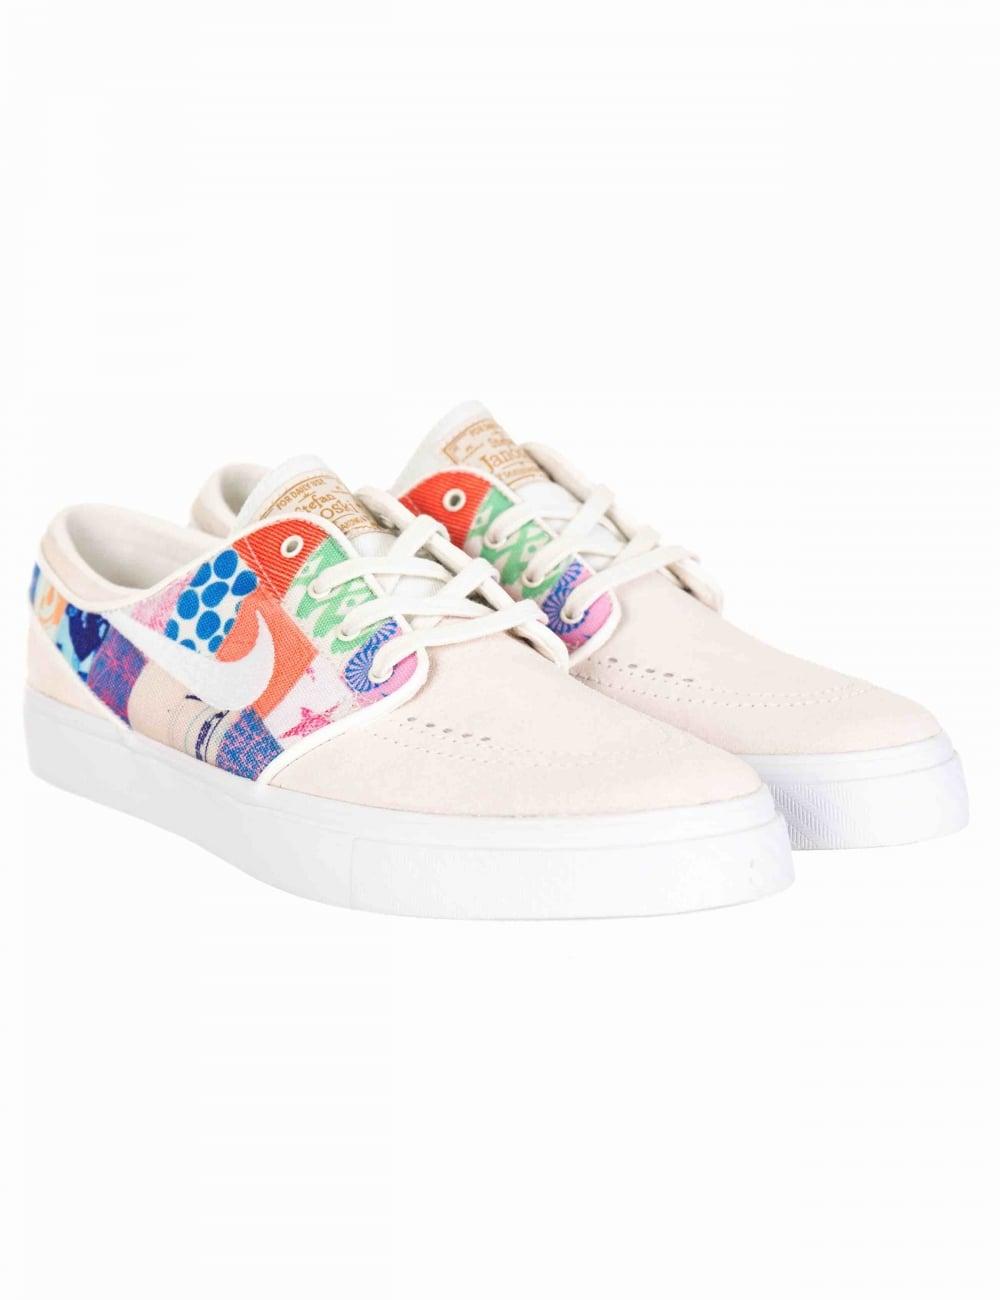 b6867269485 Nike SB x Thomas Campbell Stefan Janoski Shoes - Sail White Multi ...